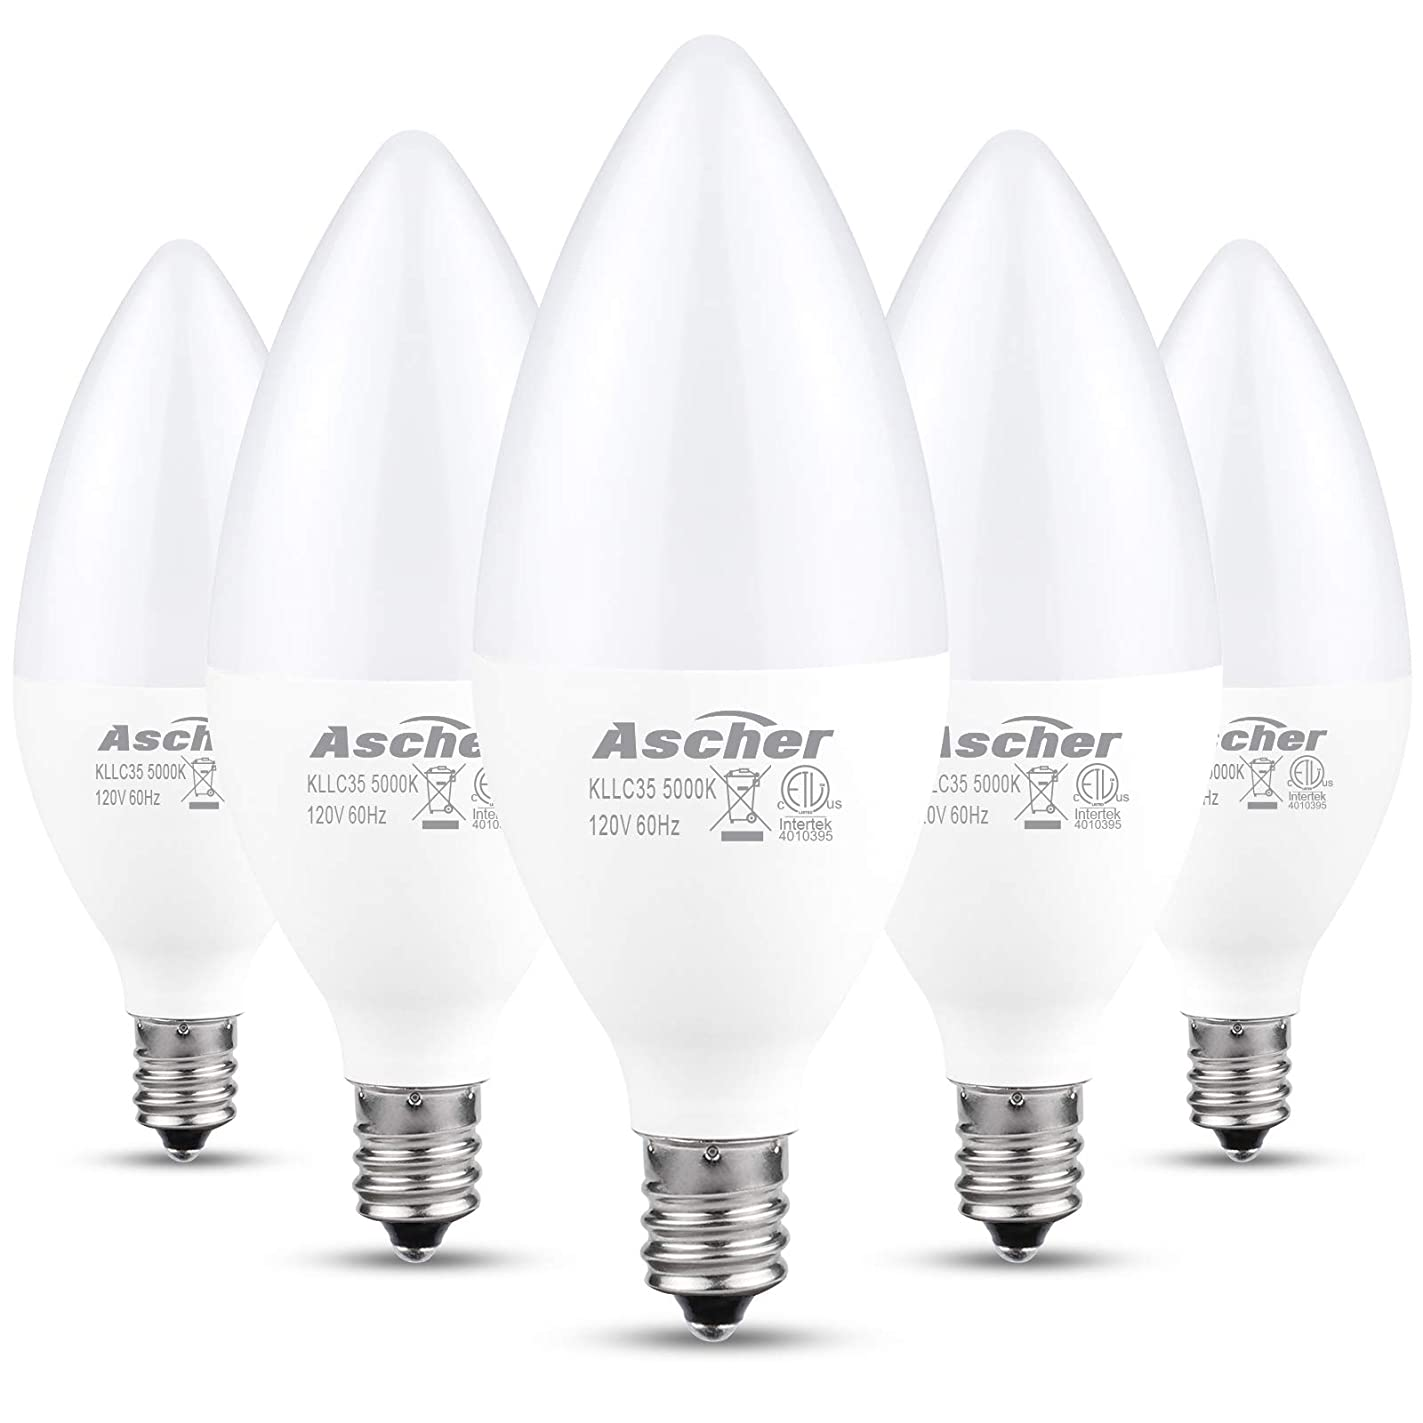 Ascher E12 LED Candelabra Light Bulbs, Equivalent 60W, 550 Lumens, Daylight White 5000K, Candelabra Base, Non-dimmable, Chandelier Bulb, Pack of 5